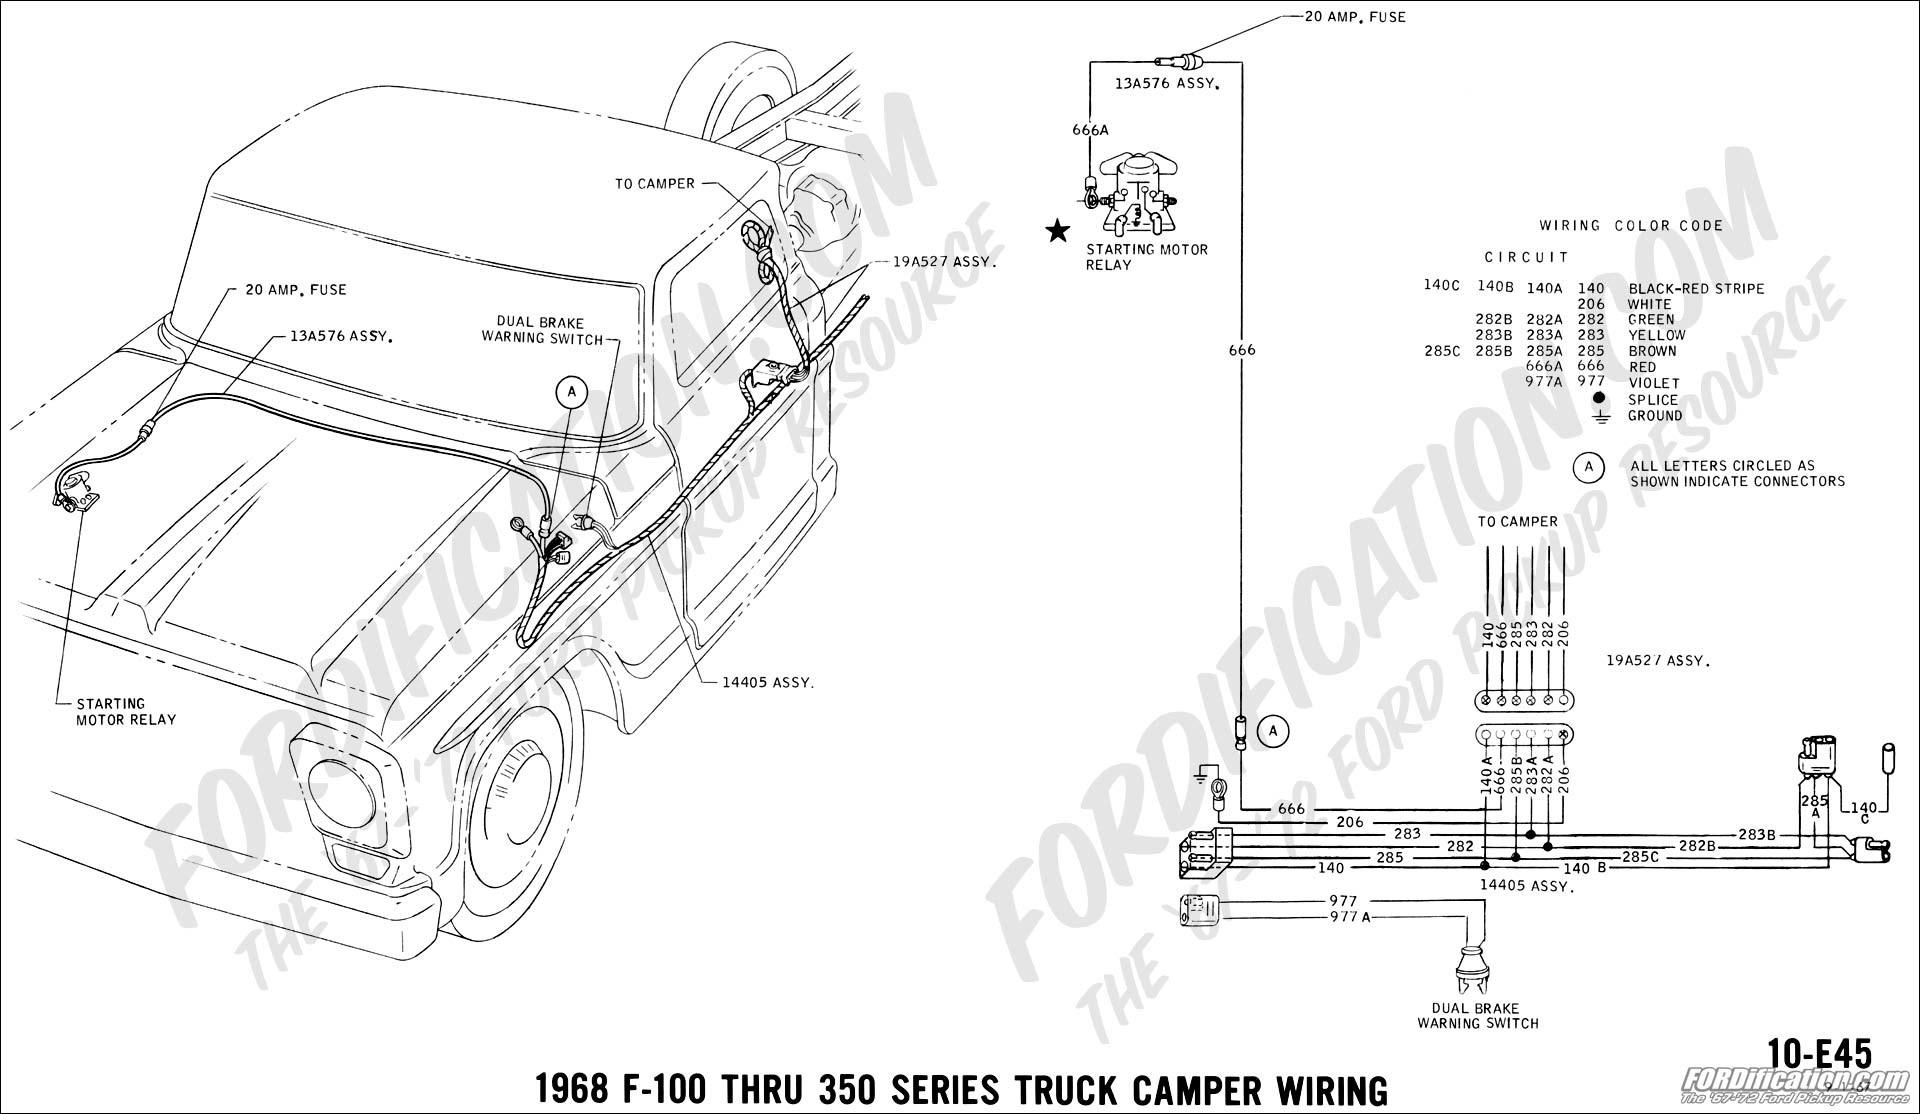 Lance Camper Wiring Schematic Lance Camper Wiring Diagram Of Lance Camper Wiring Schematic Lance Camper Wiring Diagram